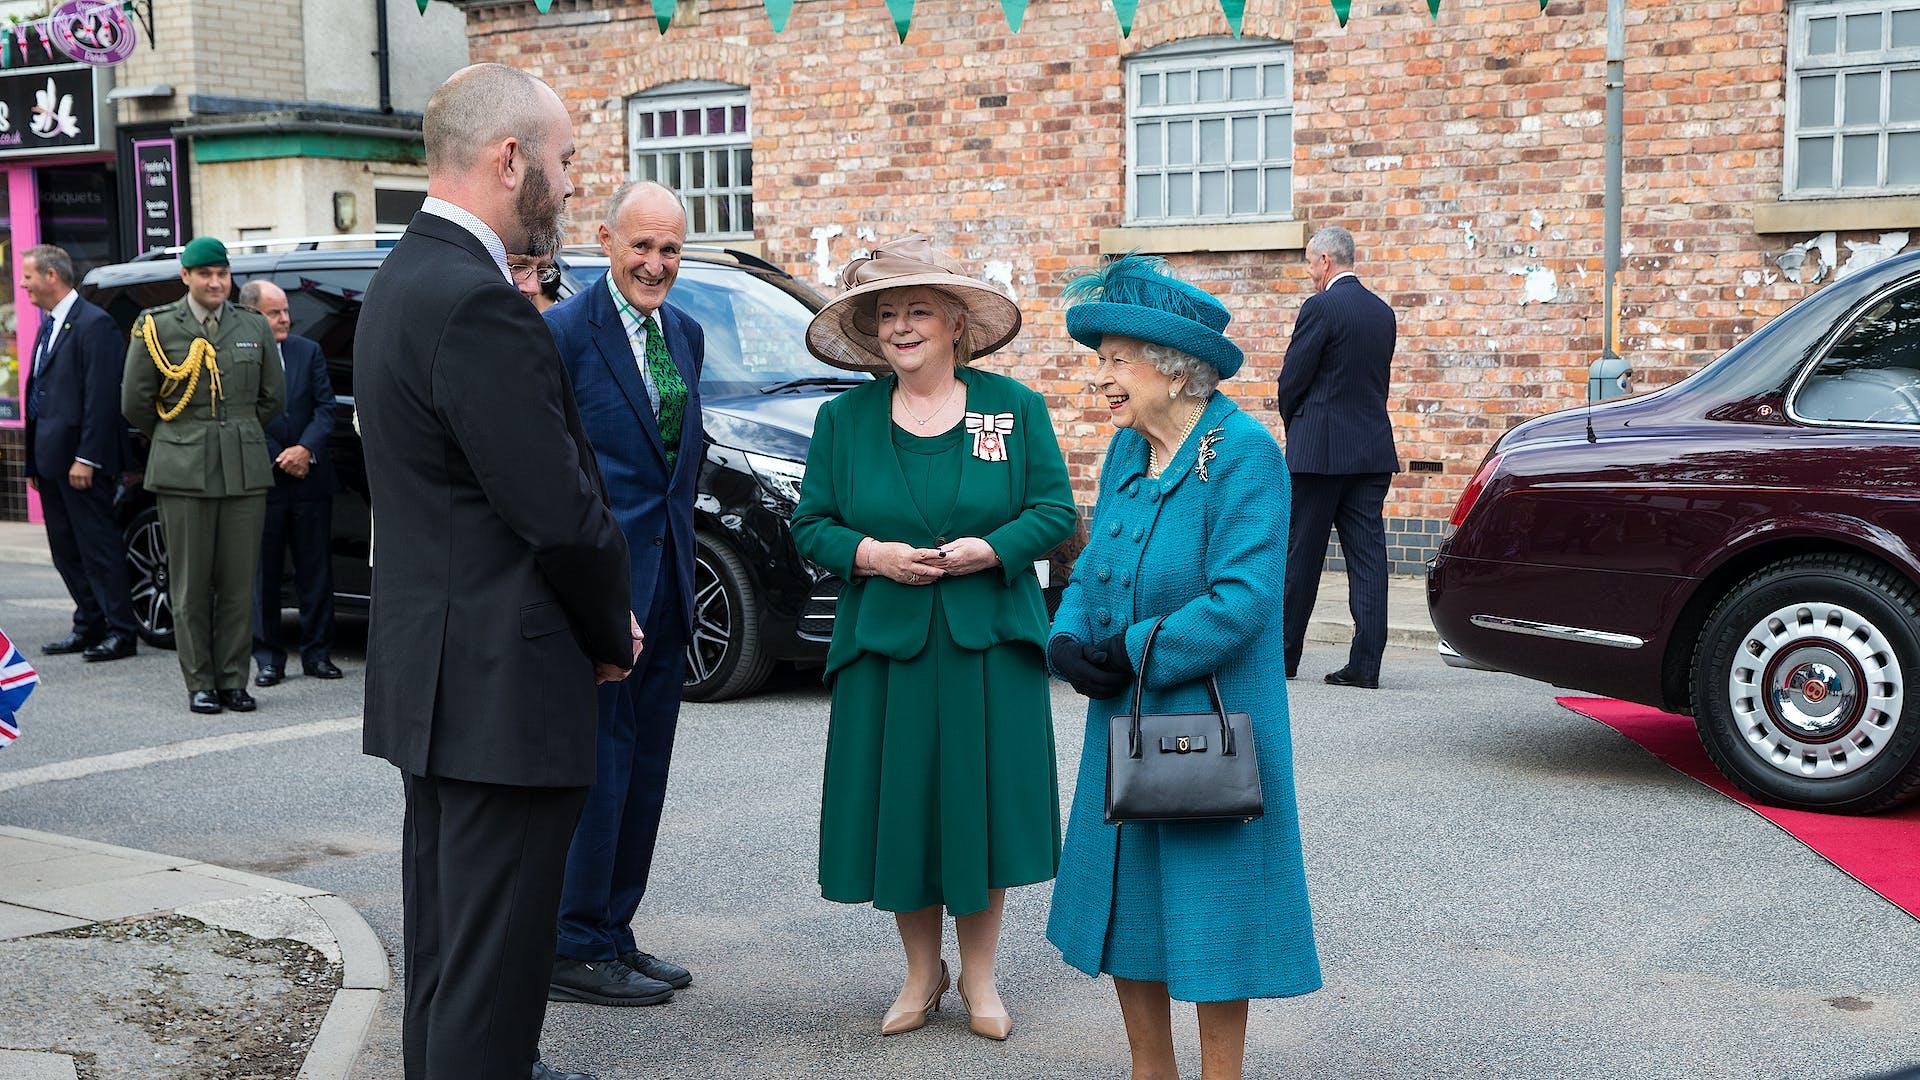 Hon Col meets Queen